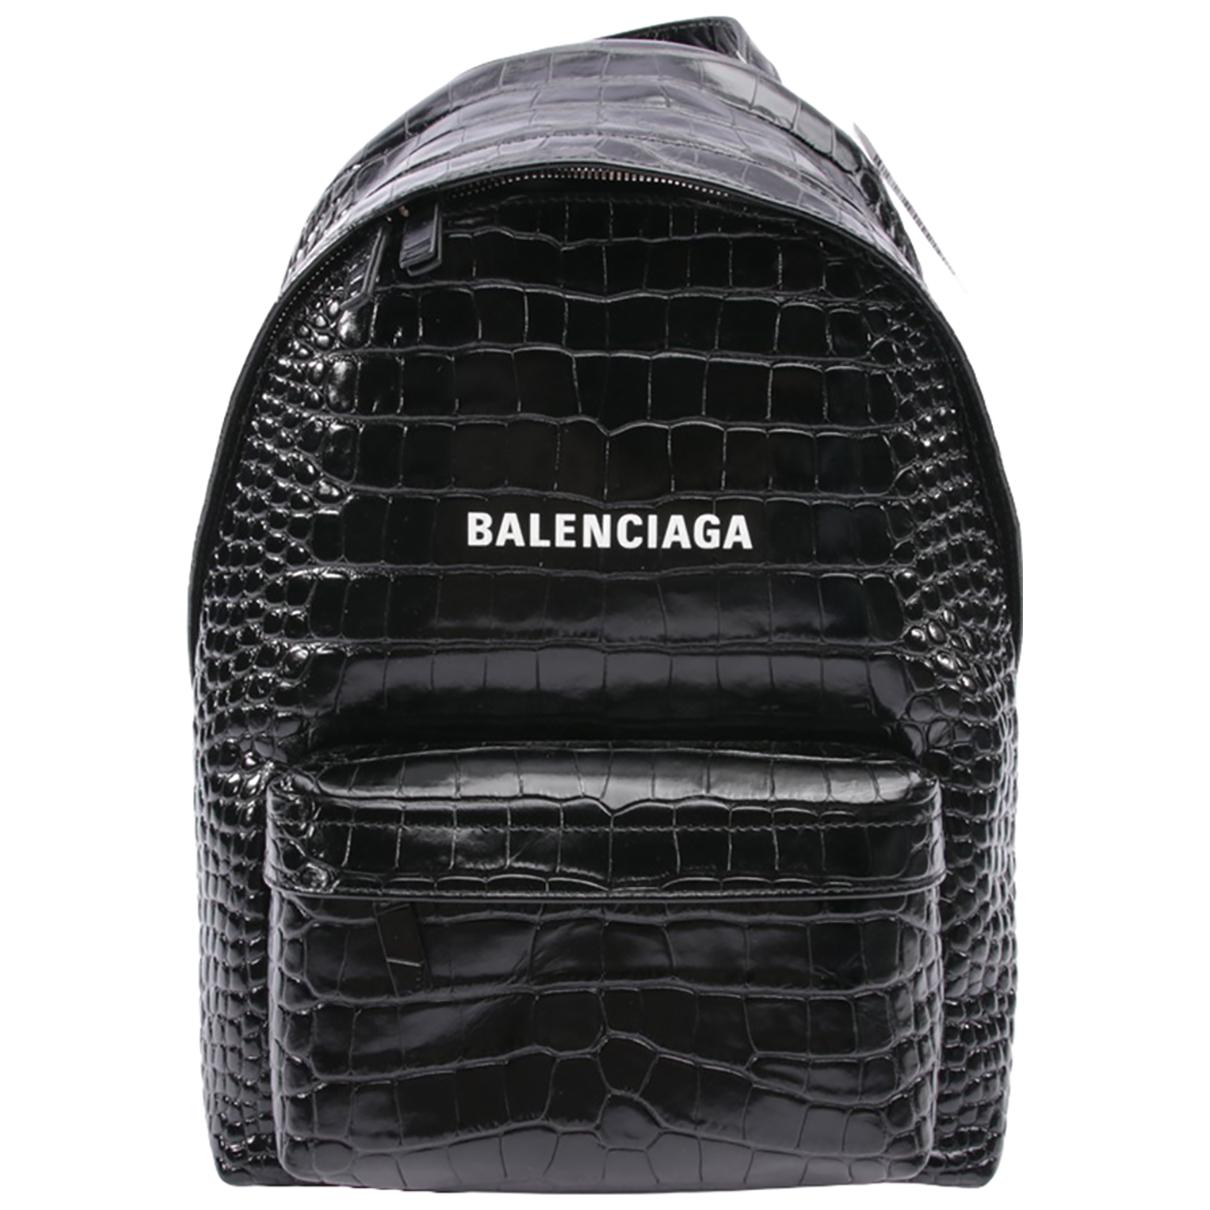 Balenciaga \N Black Leather backpack for Women \N